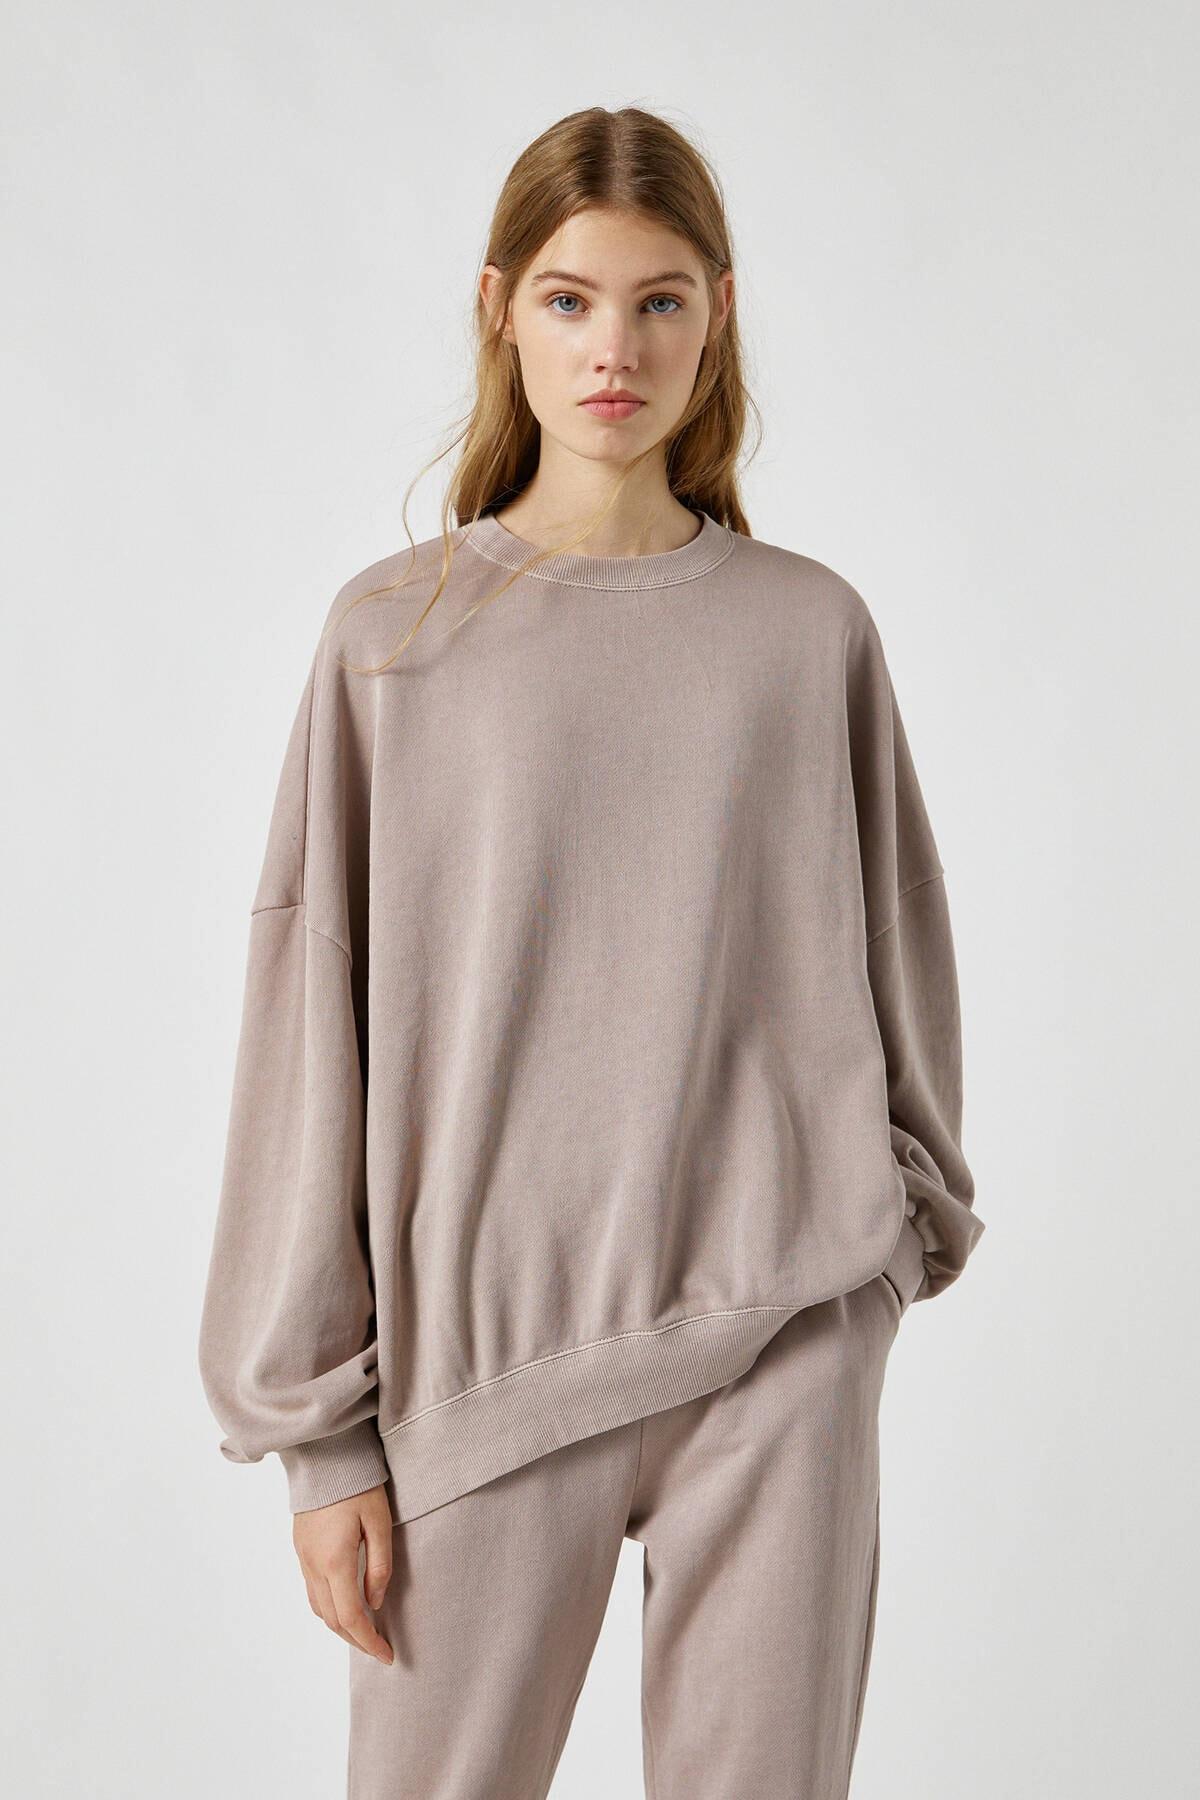 Pull & Bear Kadın Bizon Soluk Efektli Oversize Sweatshirt 09594390